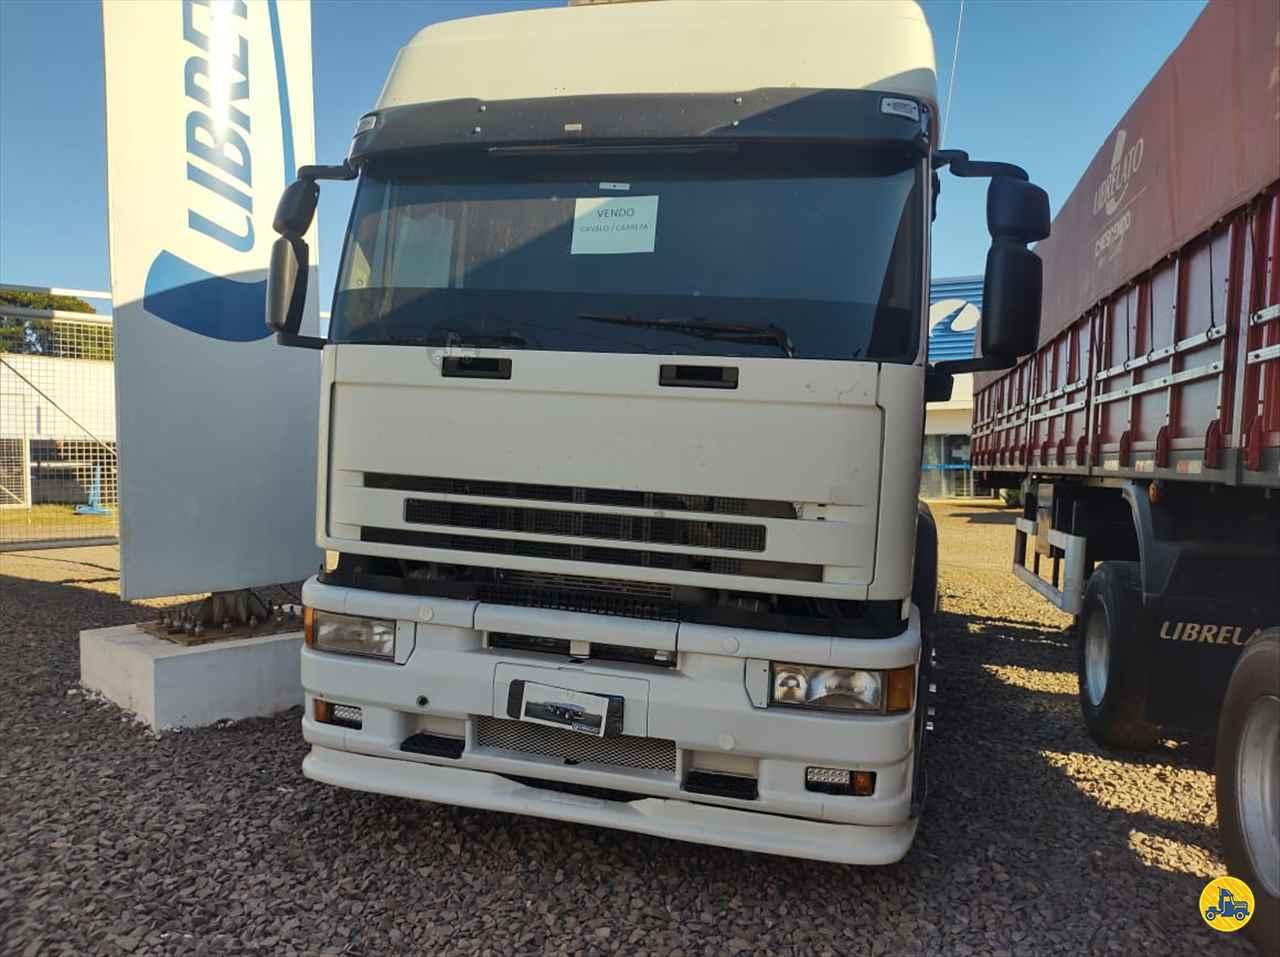 CAMINHAO IVECO EUROTECH 450E37 Cavalo Mecânico Truck 6x2 Librevel - Librelato CASCAVEL PARANÁ PR